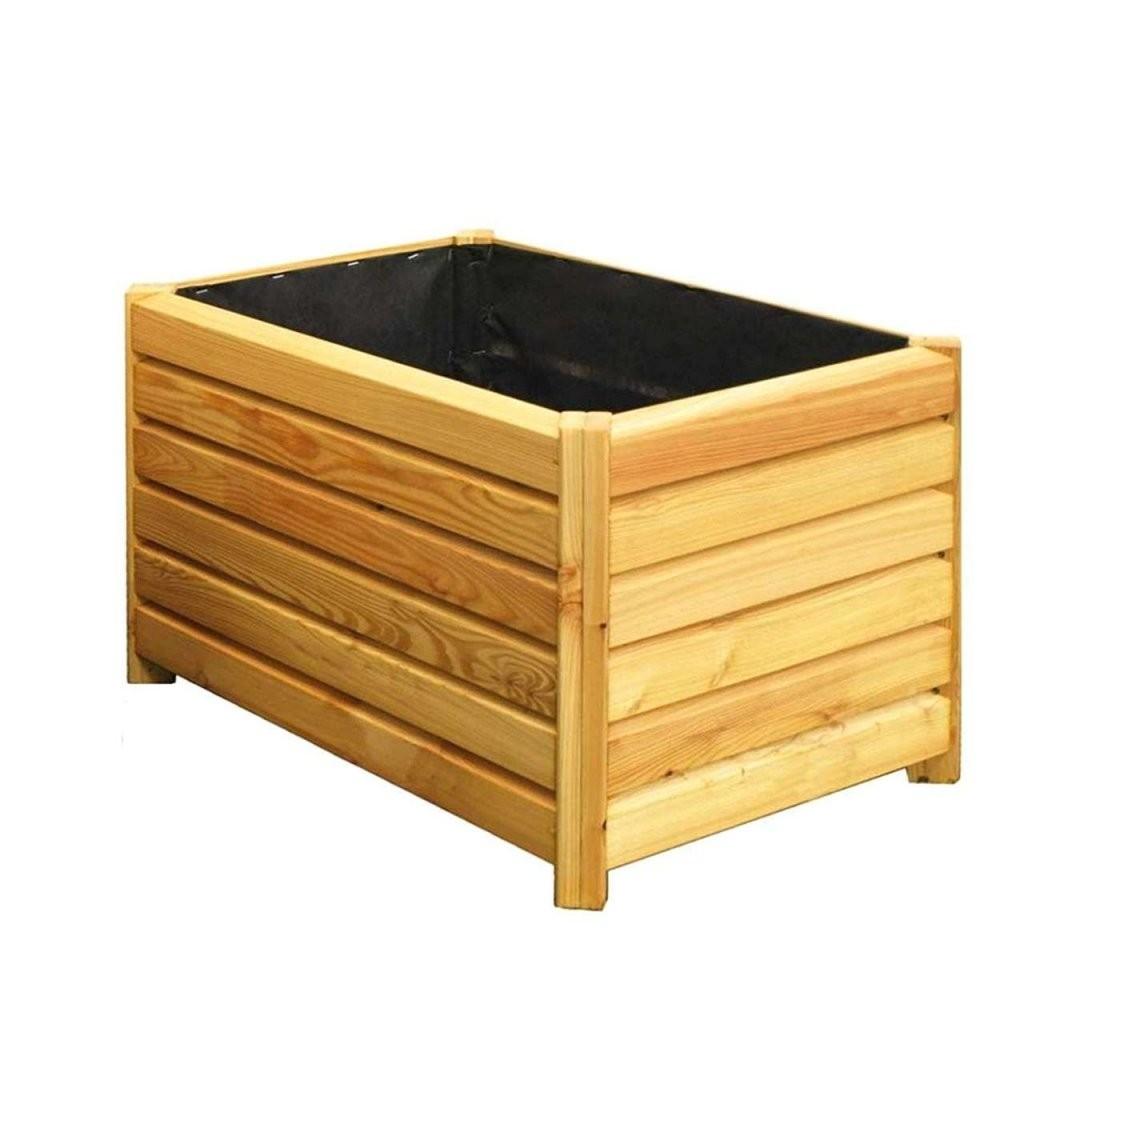 Pflanzkbel Aus Holz Selber Bauen Great Sichtschutz Garten Design von Pflanzkübel Aus Holz Selber Bauen Photo